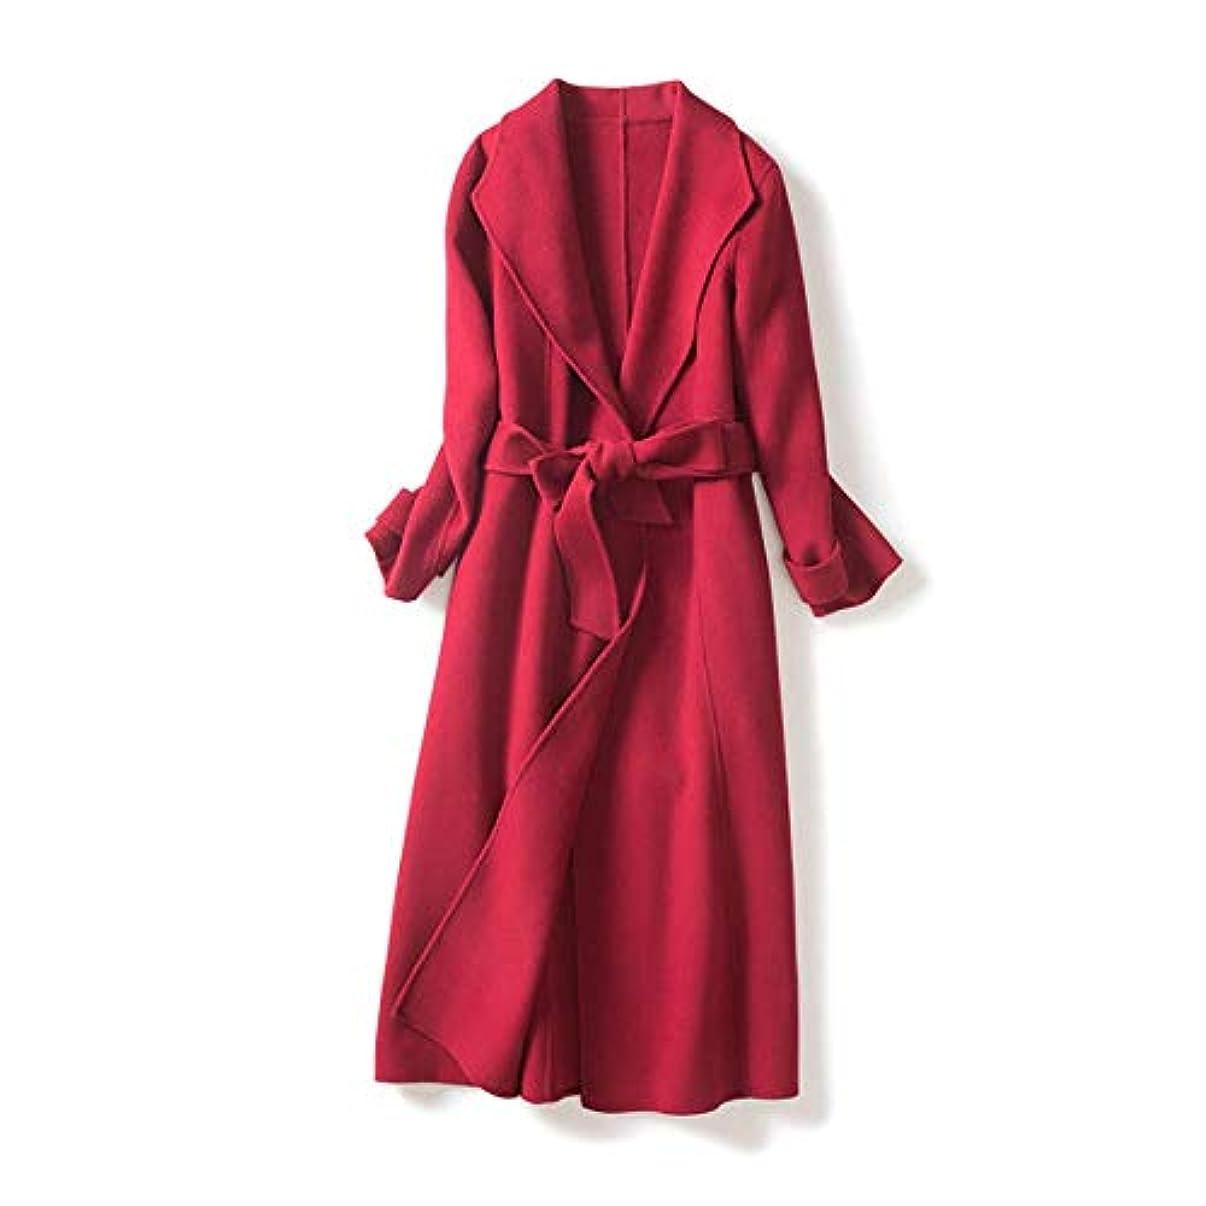 すずめ暴力的な囲まれたNew Woolen Coat、Women's Double-Faced Coat Australian Wool 2019 Autumn And Winter New Woolen Coat Women's Coats Womens Windbreaker Jackets,S